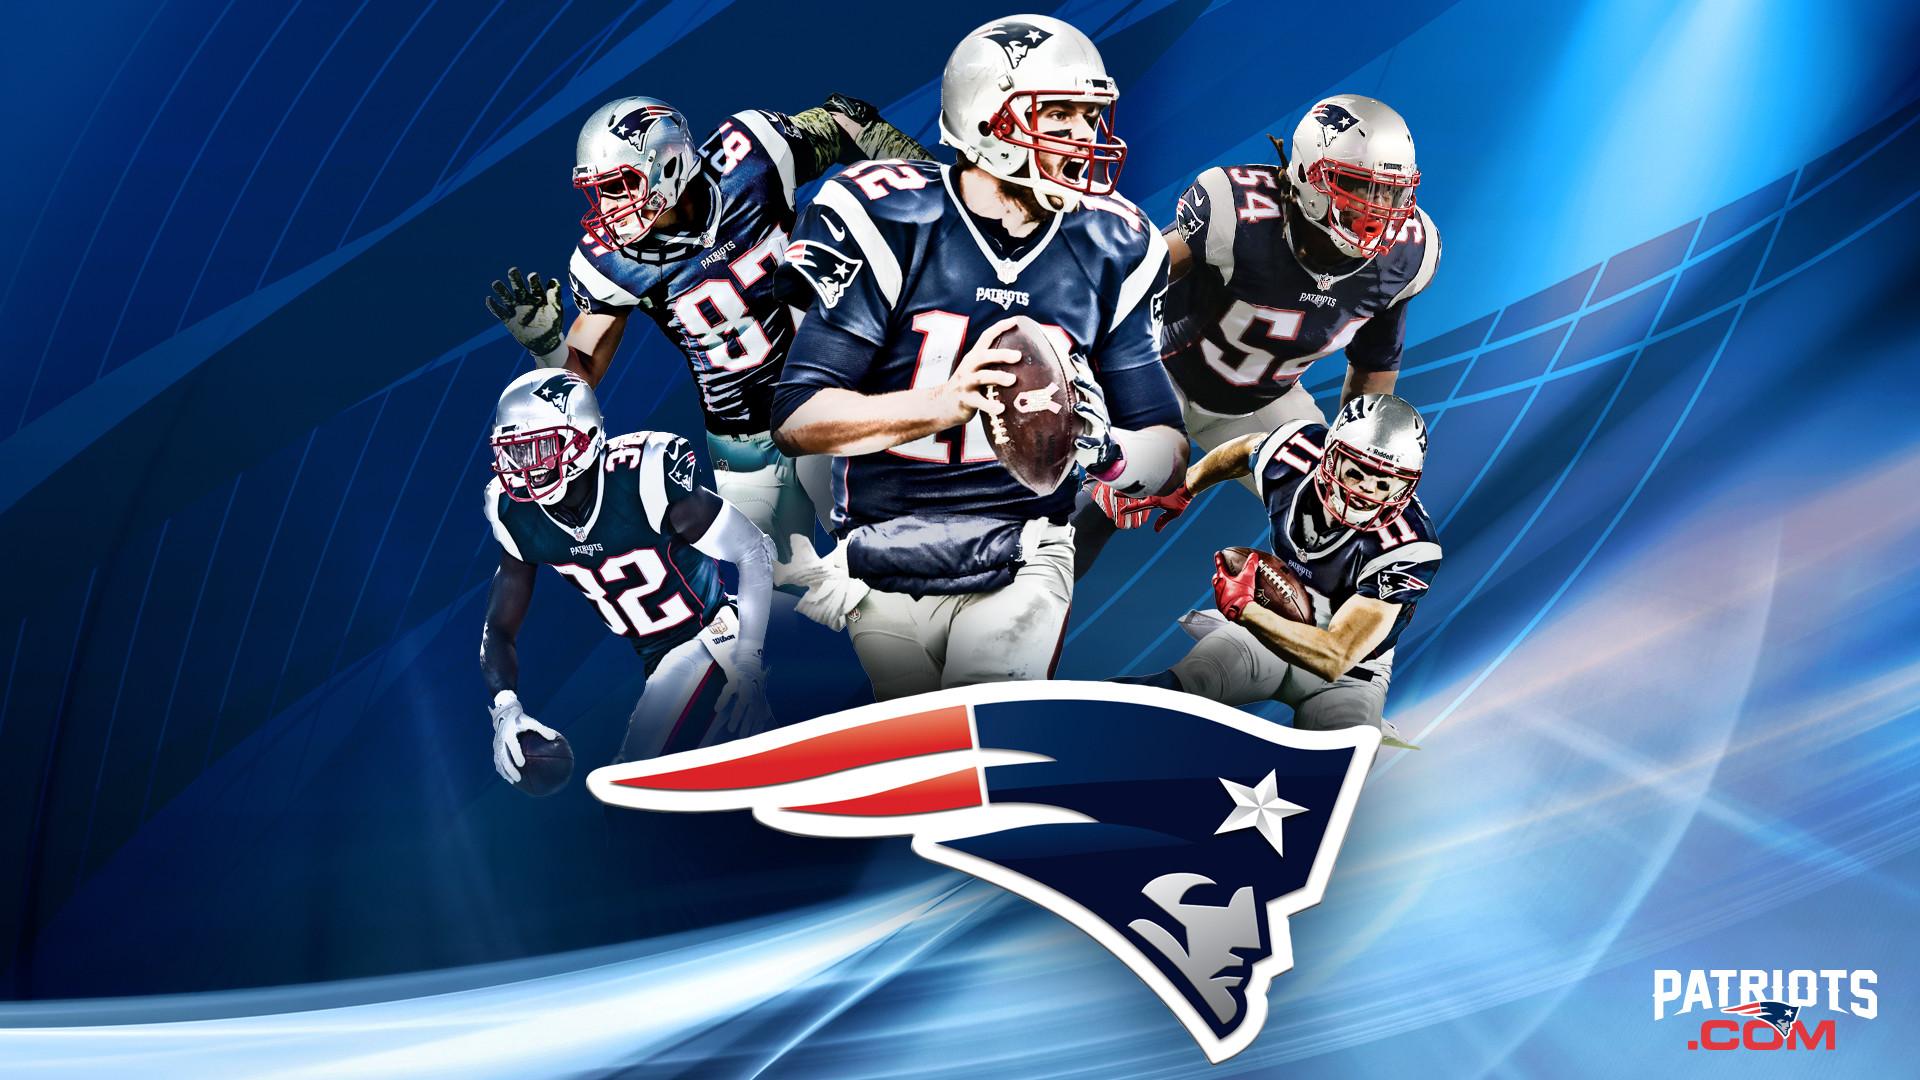 Patriots super bowl champions wallpaper 75 images - Patriots super bowl champs wallpaper ...